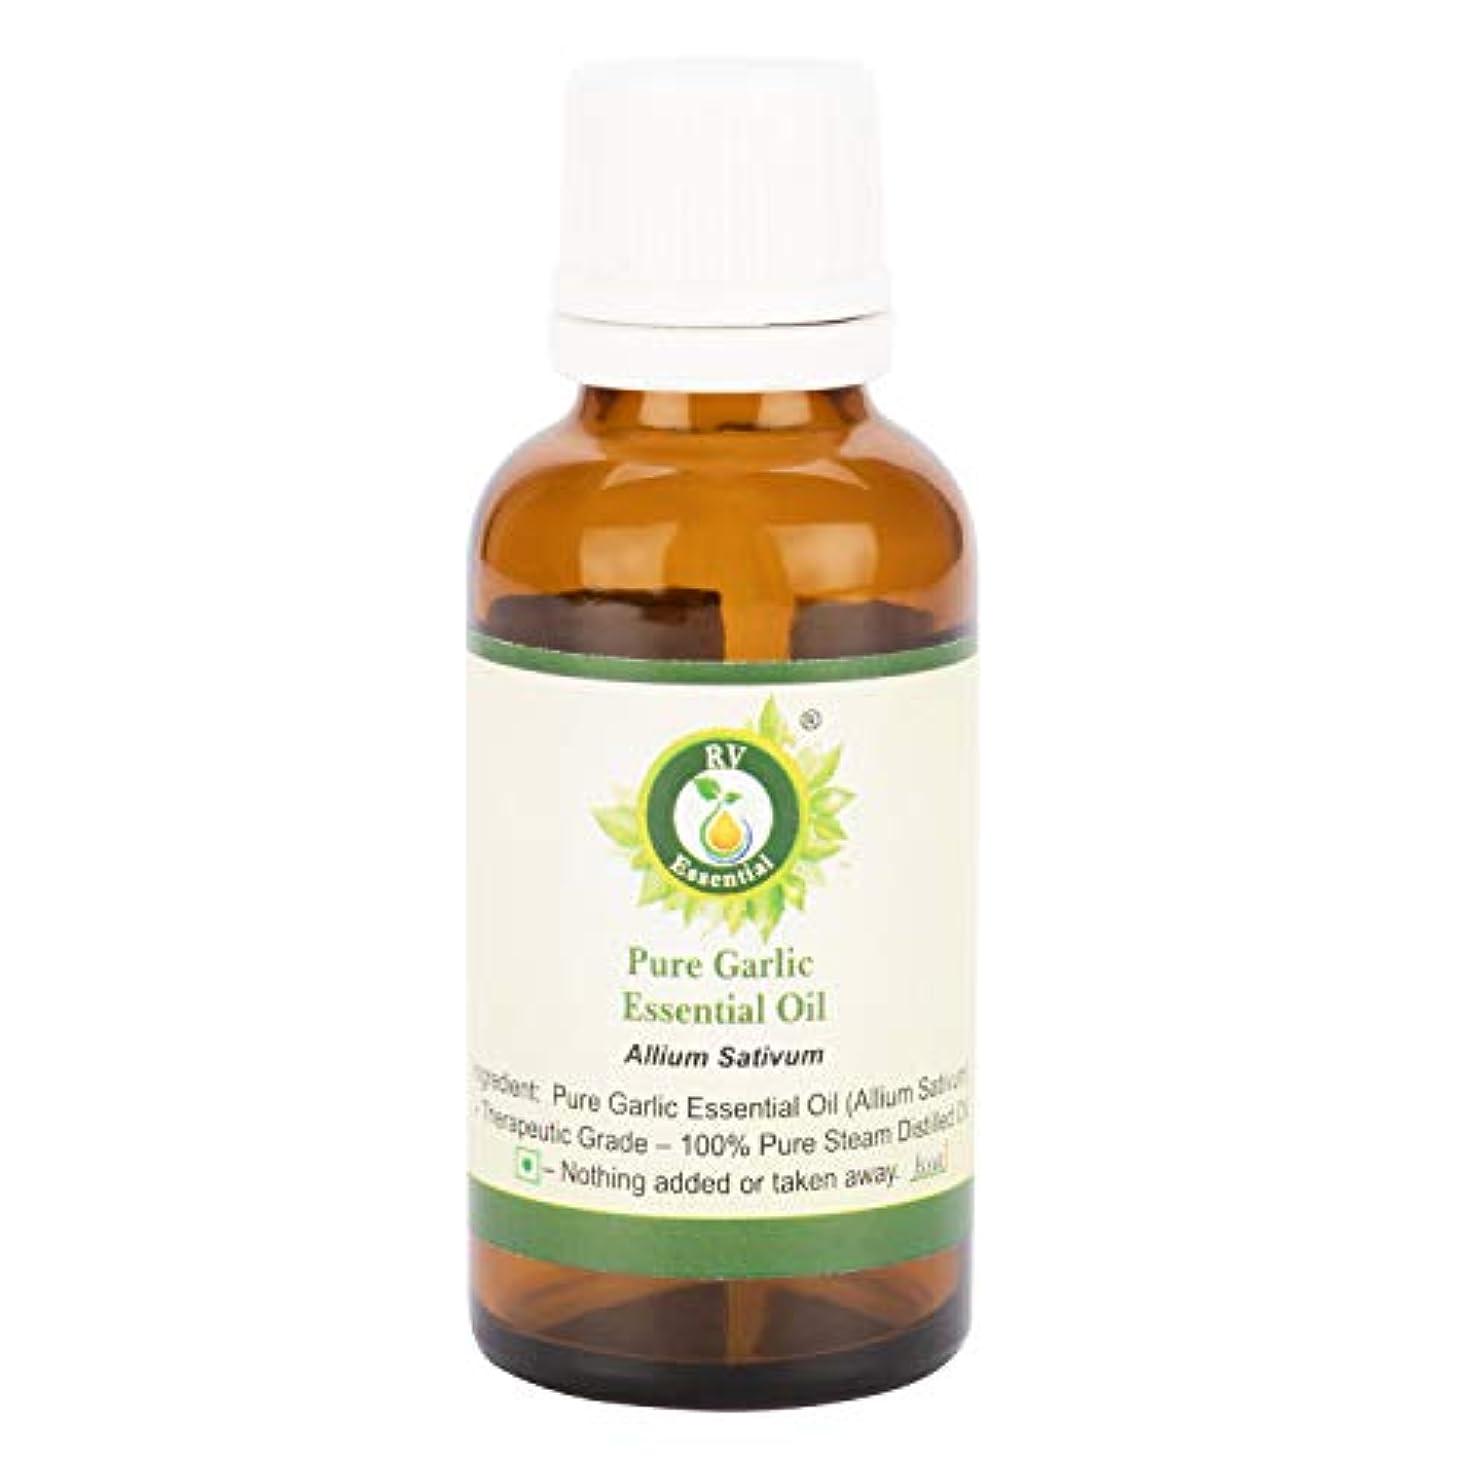 甘くするの量掃除ピュアニンニクエッセンシャルオイル100ml (3.38oz)- Allium Sativum (100%純粋&天然スチームDistilled) Pure Garlic Essential Oil